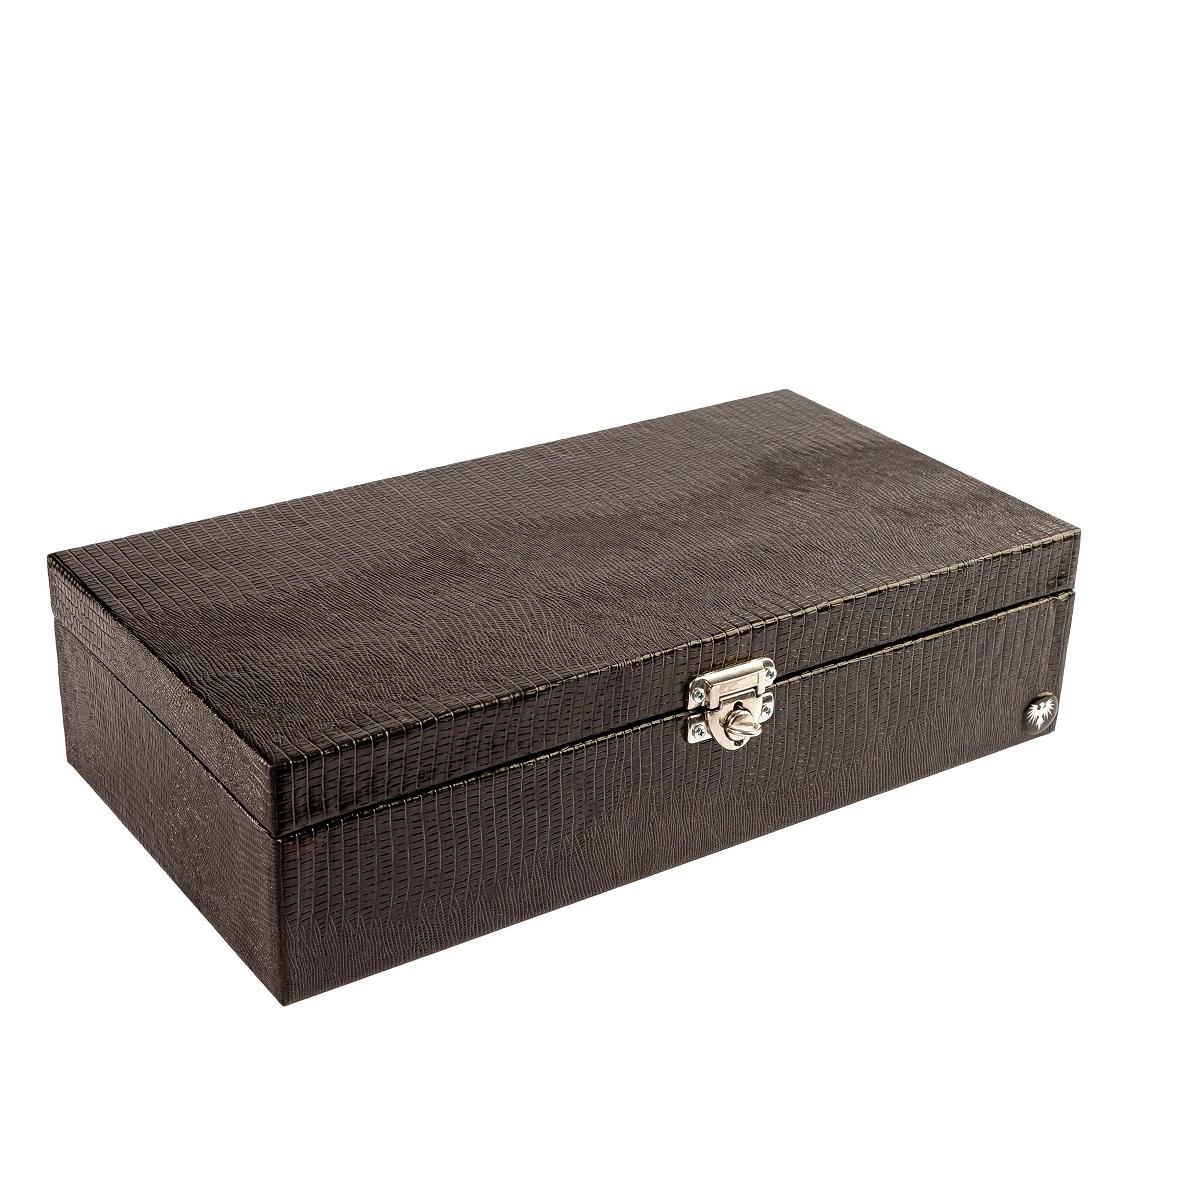 caixa-porta-relogio-12-nichos-couro-ecologico-preto-bege-imagem-2.jpg